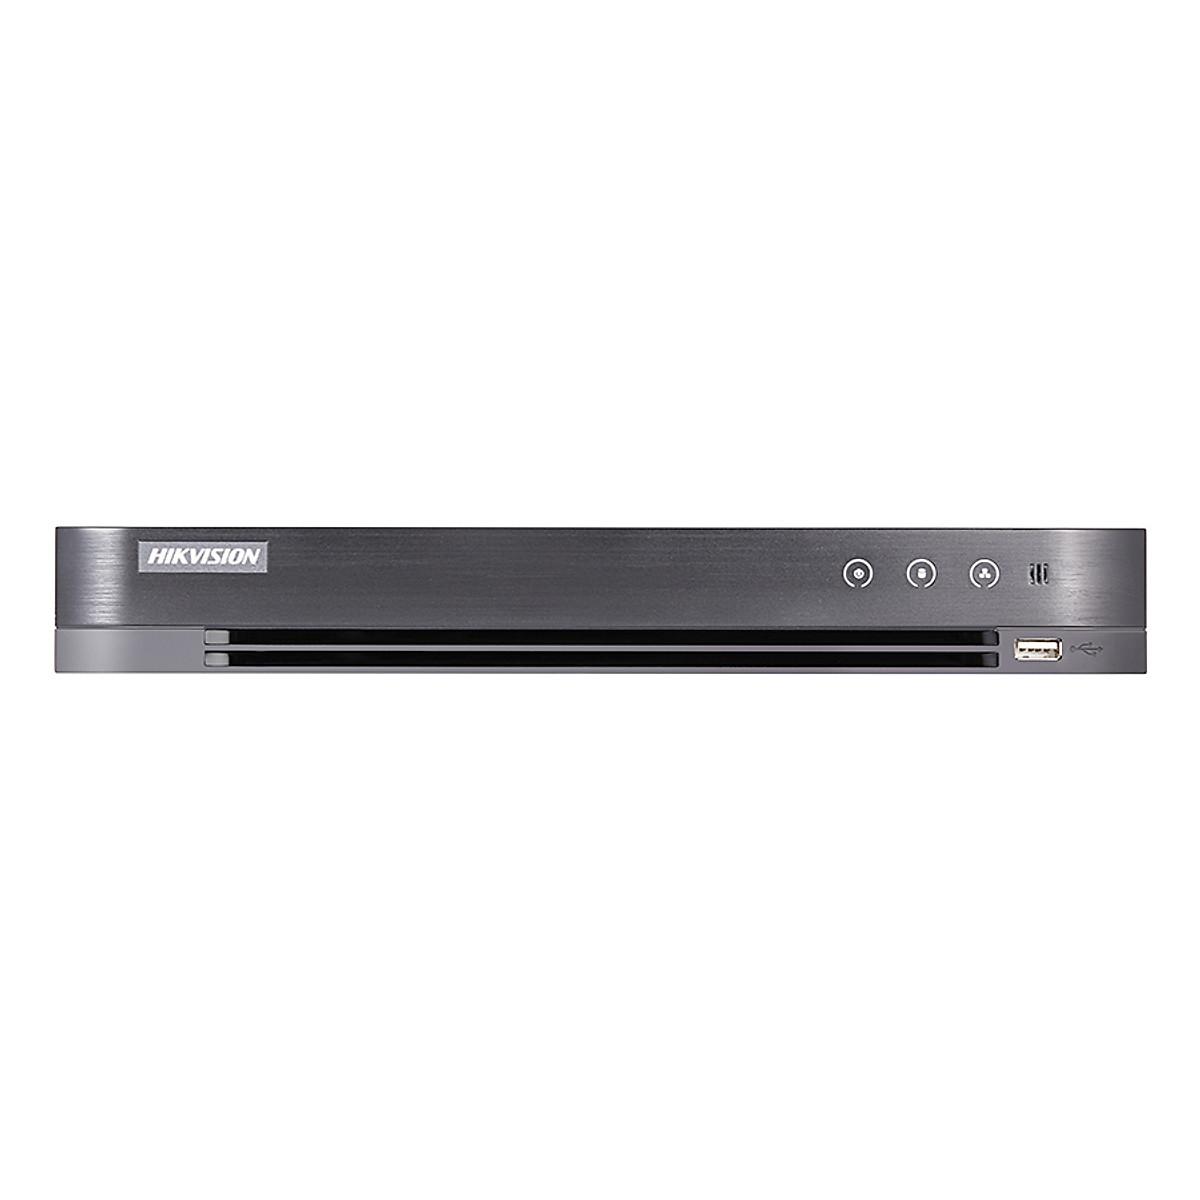 Đầu Ghi Hình Hikvision 4 Kênh HD-TVI 2MP/3MP H265+ Hỗ Trợ POC DS-7204HQHI-K1/P – Hàng Nhập Khẩu